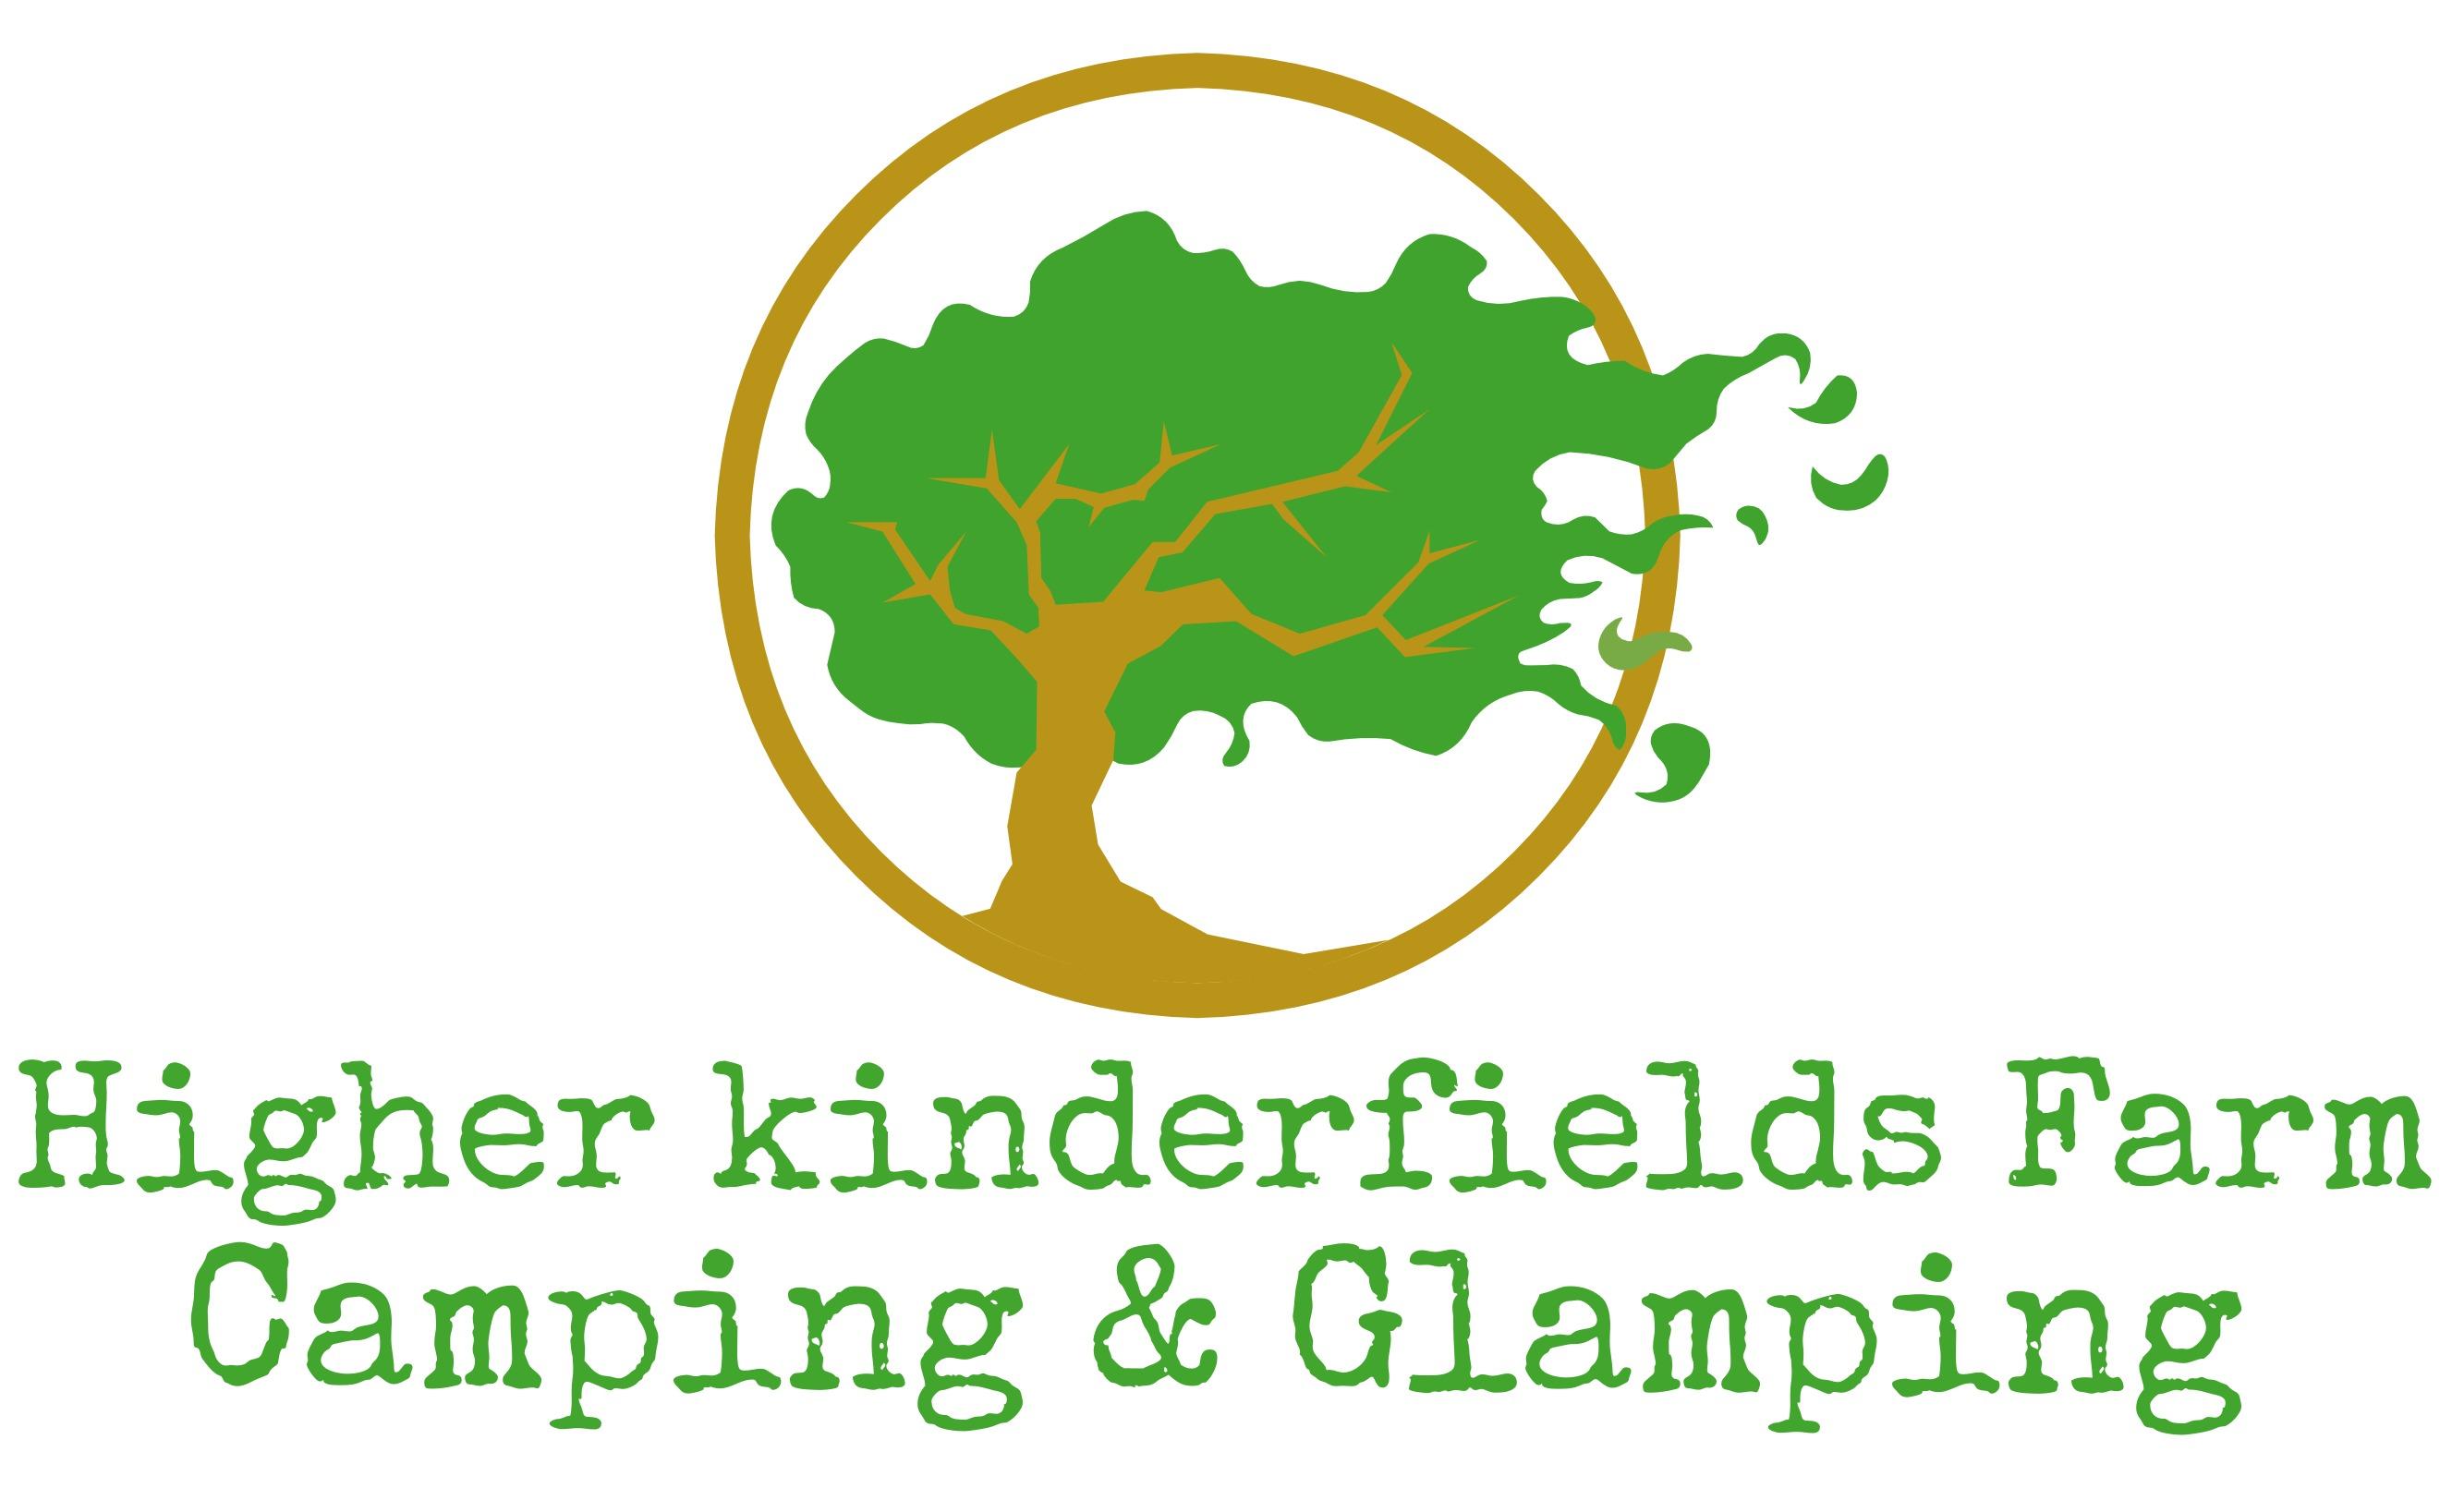 Higher kinderfields farm